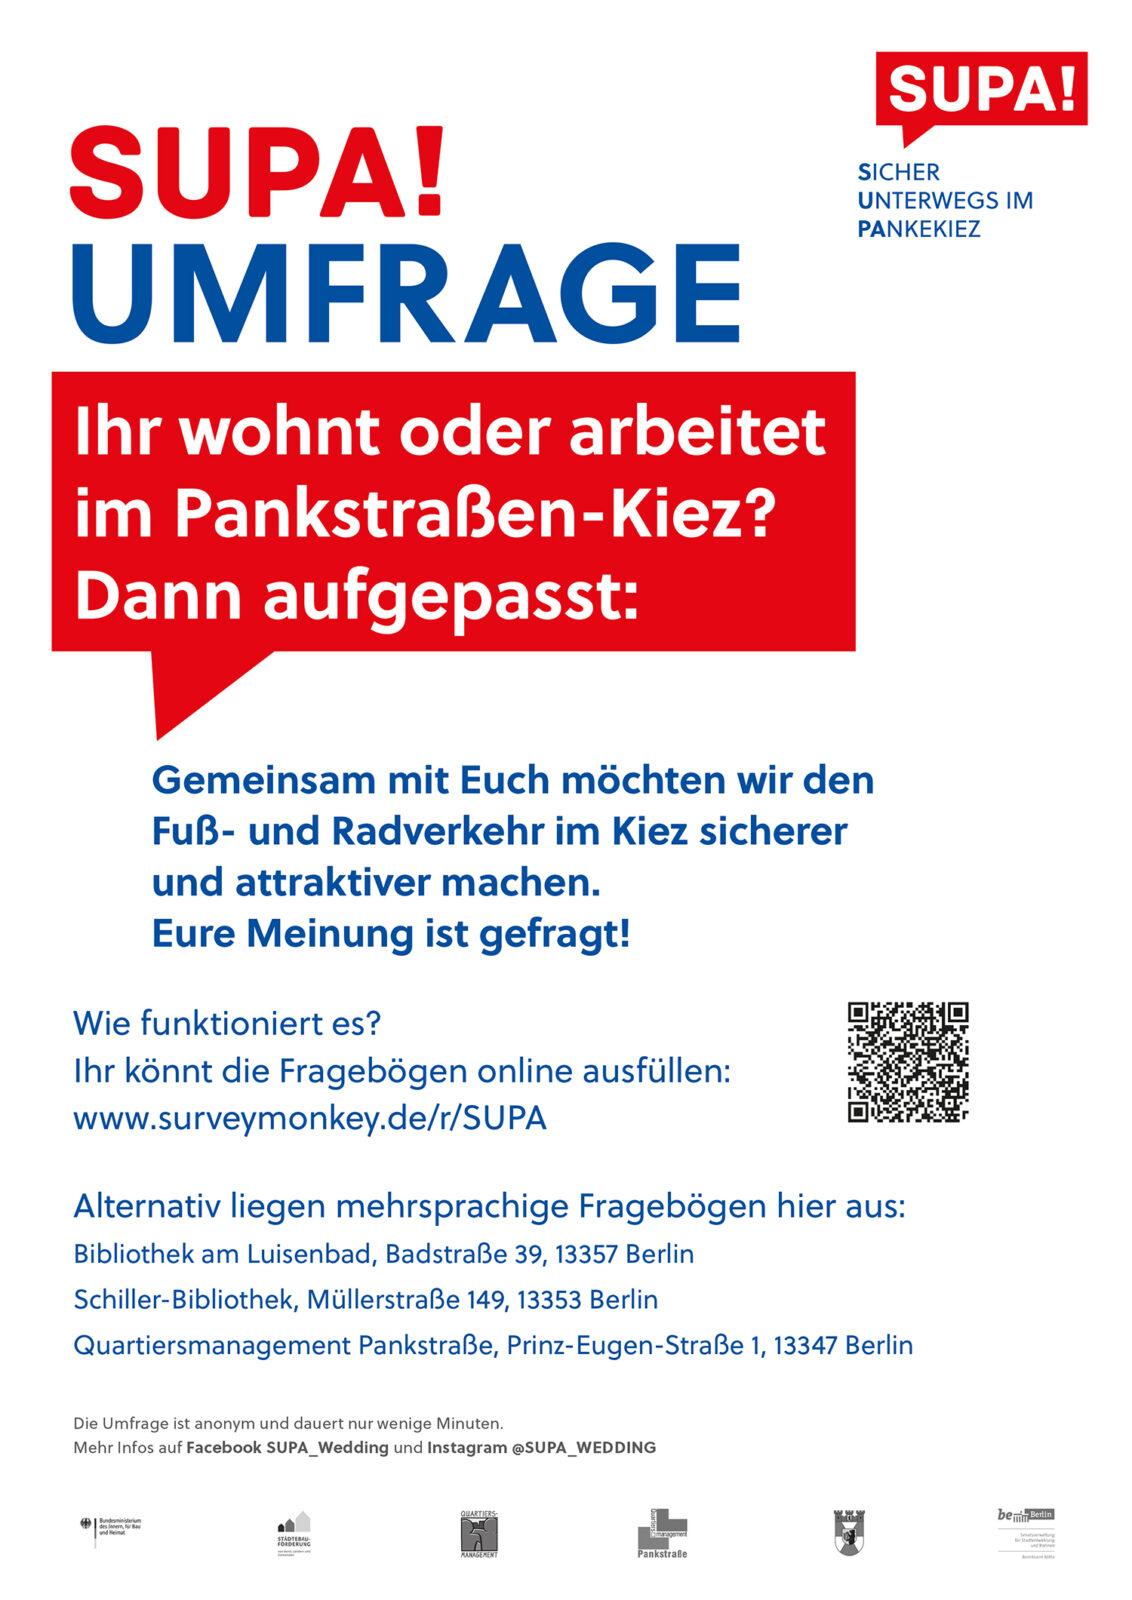 Plakat zur Mobilitätsumfrage